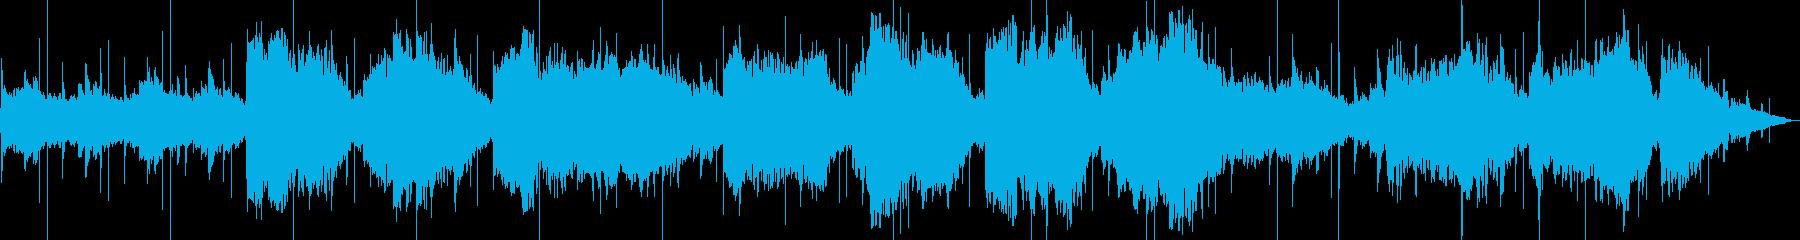 大きなフルートフックのメロディーを...の再生済みの波形